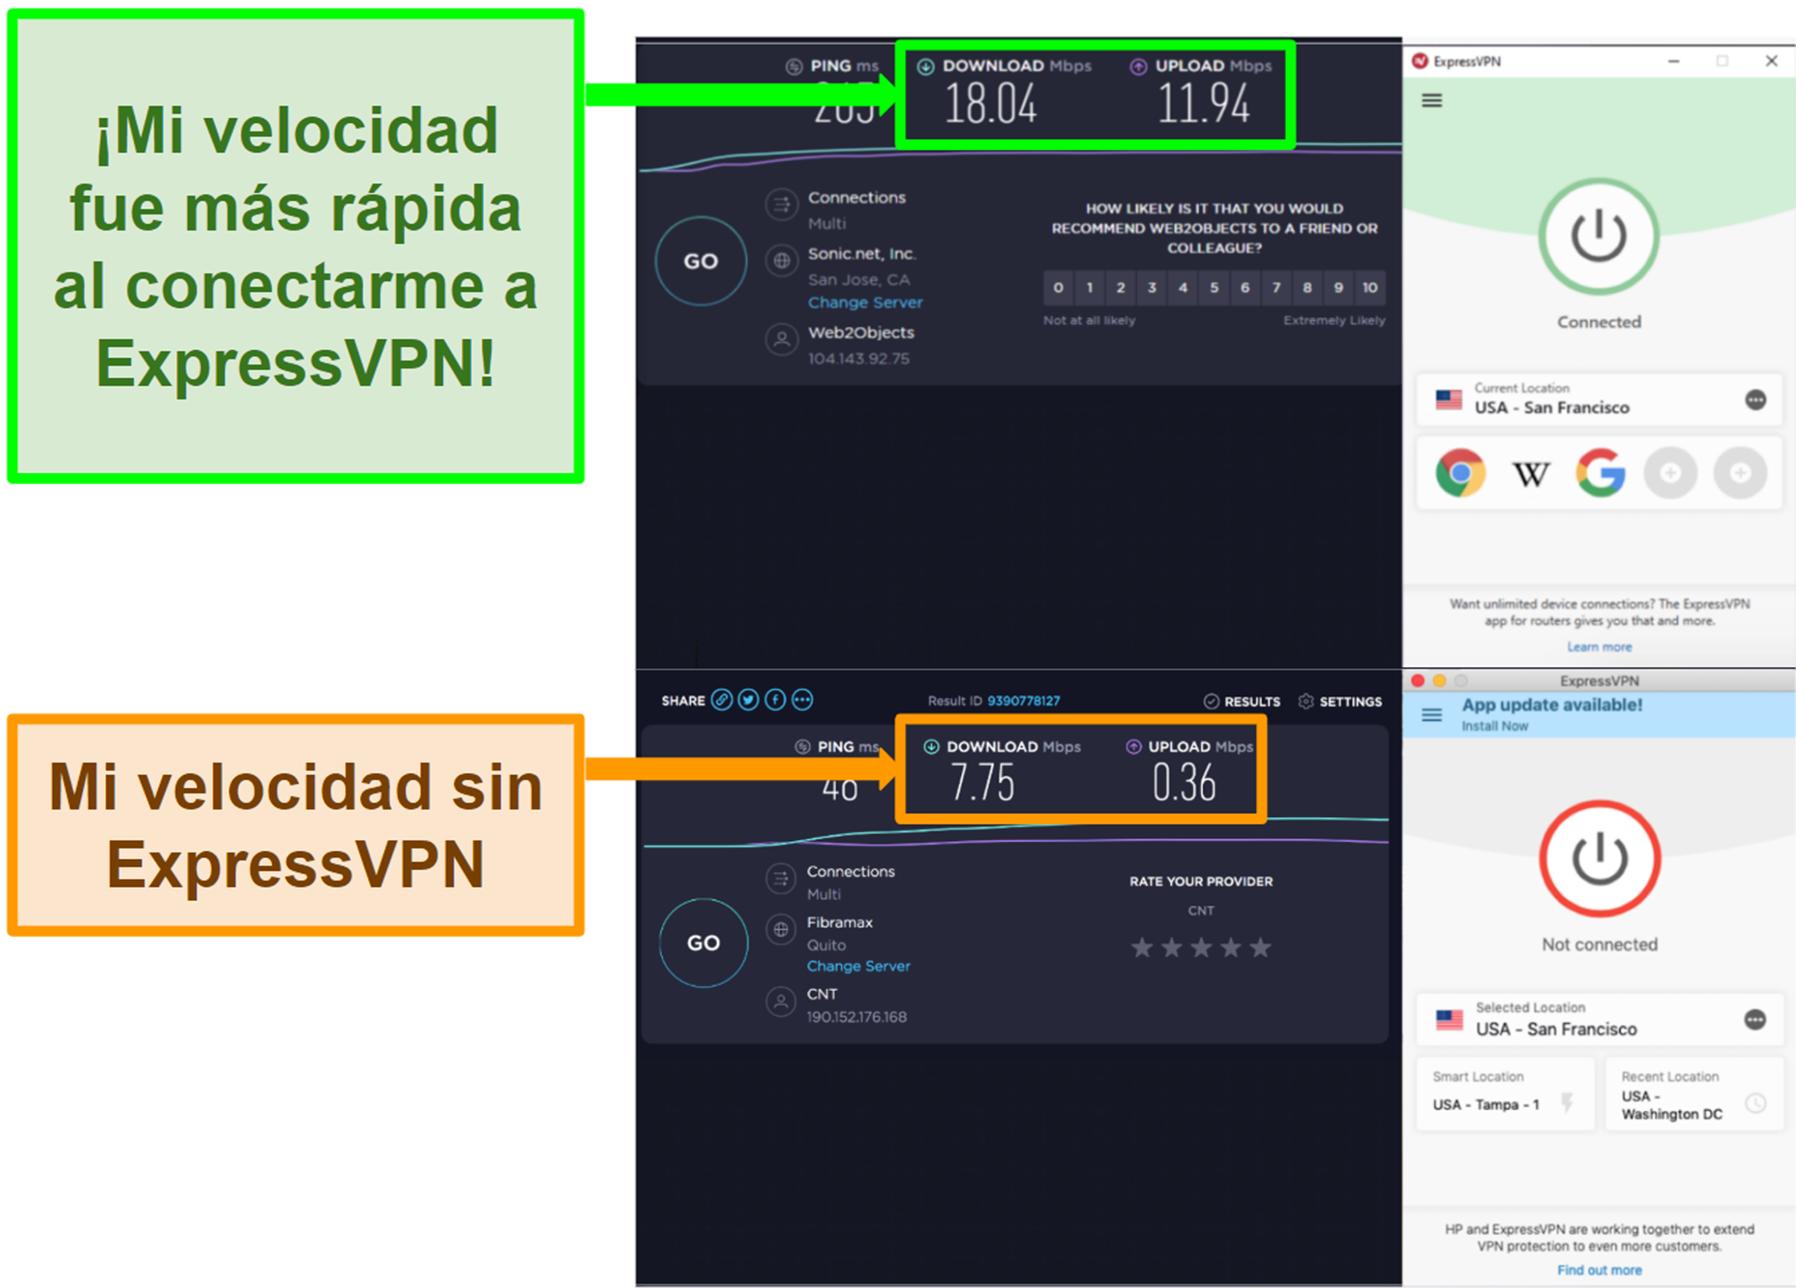 ExpressVPN mejoró mi velocidad cuando estaba conectado a un servidor de EE. UU.